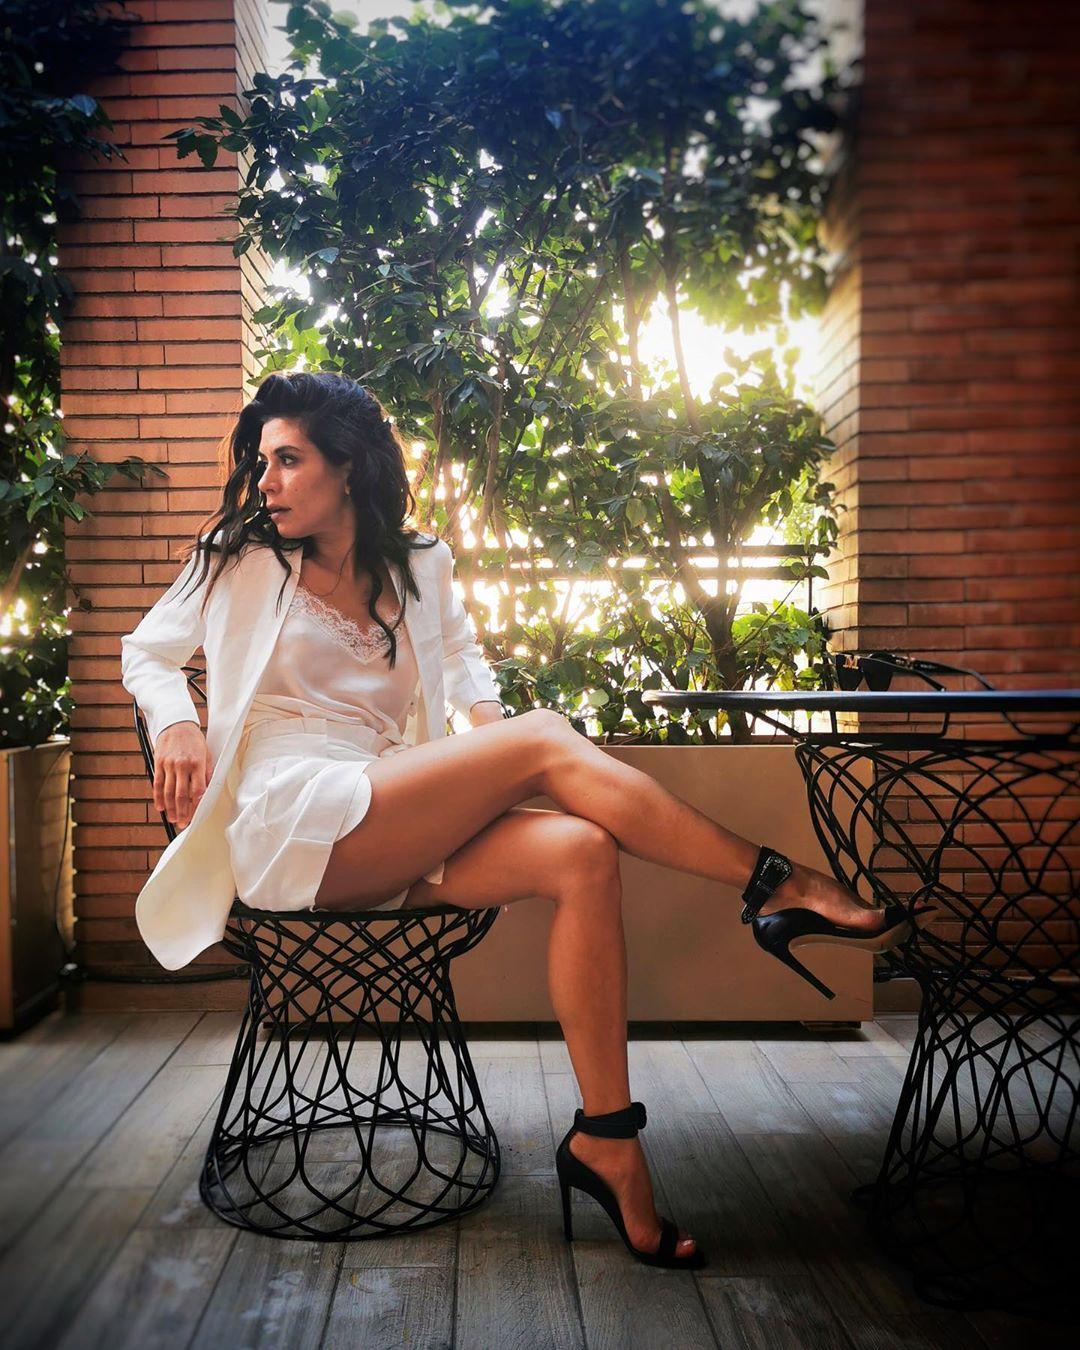 """Giulia Michelini, è attrice protagonista di serie tv rinomate come """"RIS - Delitti imperfetti"""" e """"Squadra antimafia - Palermo oggi""""."""